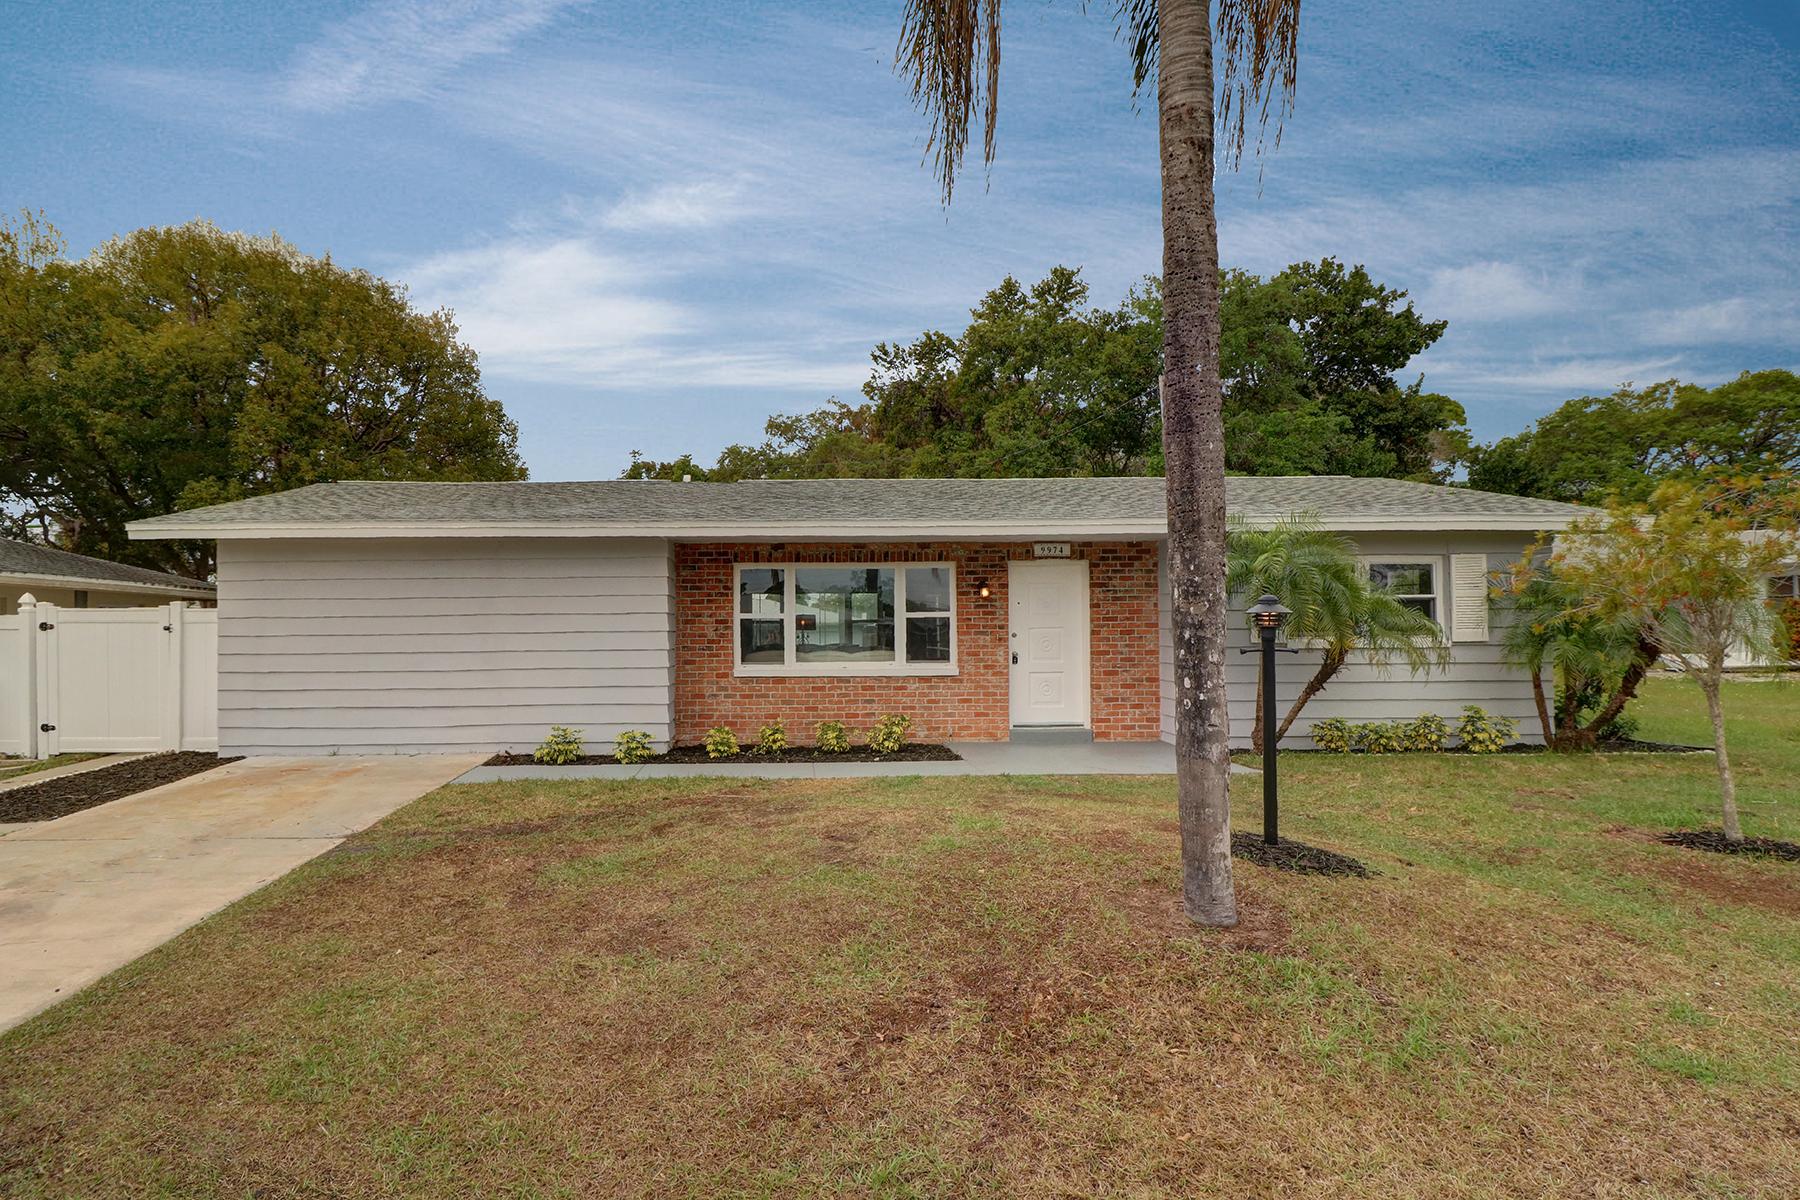 Maison unifamiliale pour l Vente à SEMINOLE 9974 108th St Seminole, Florida, 33772 États-Unis